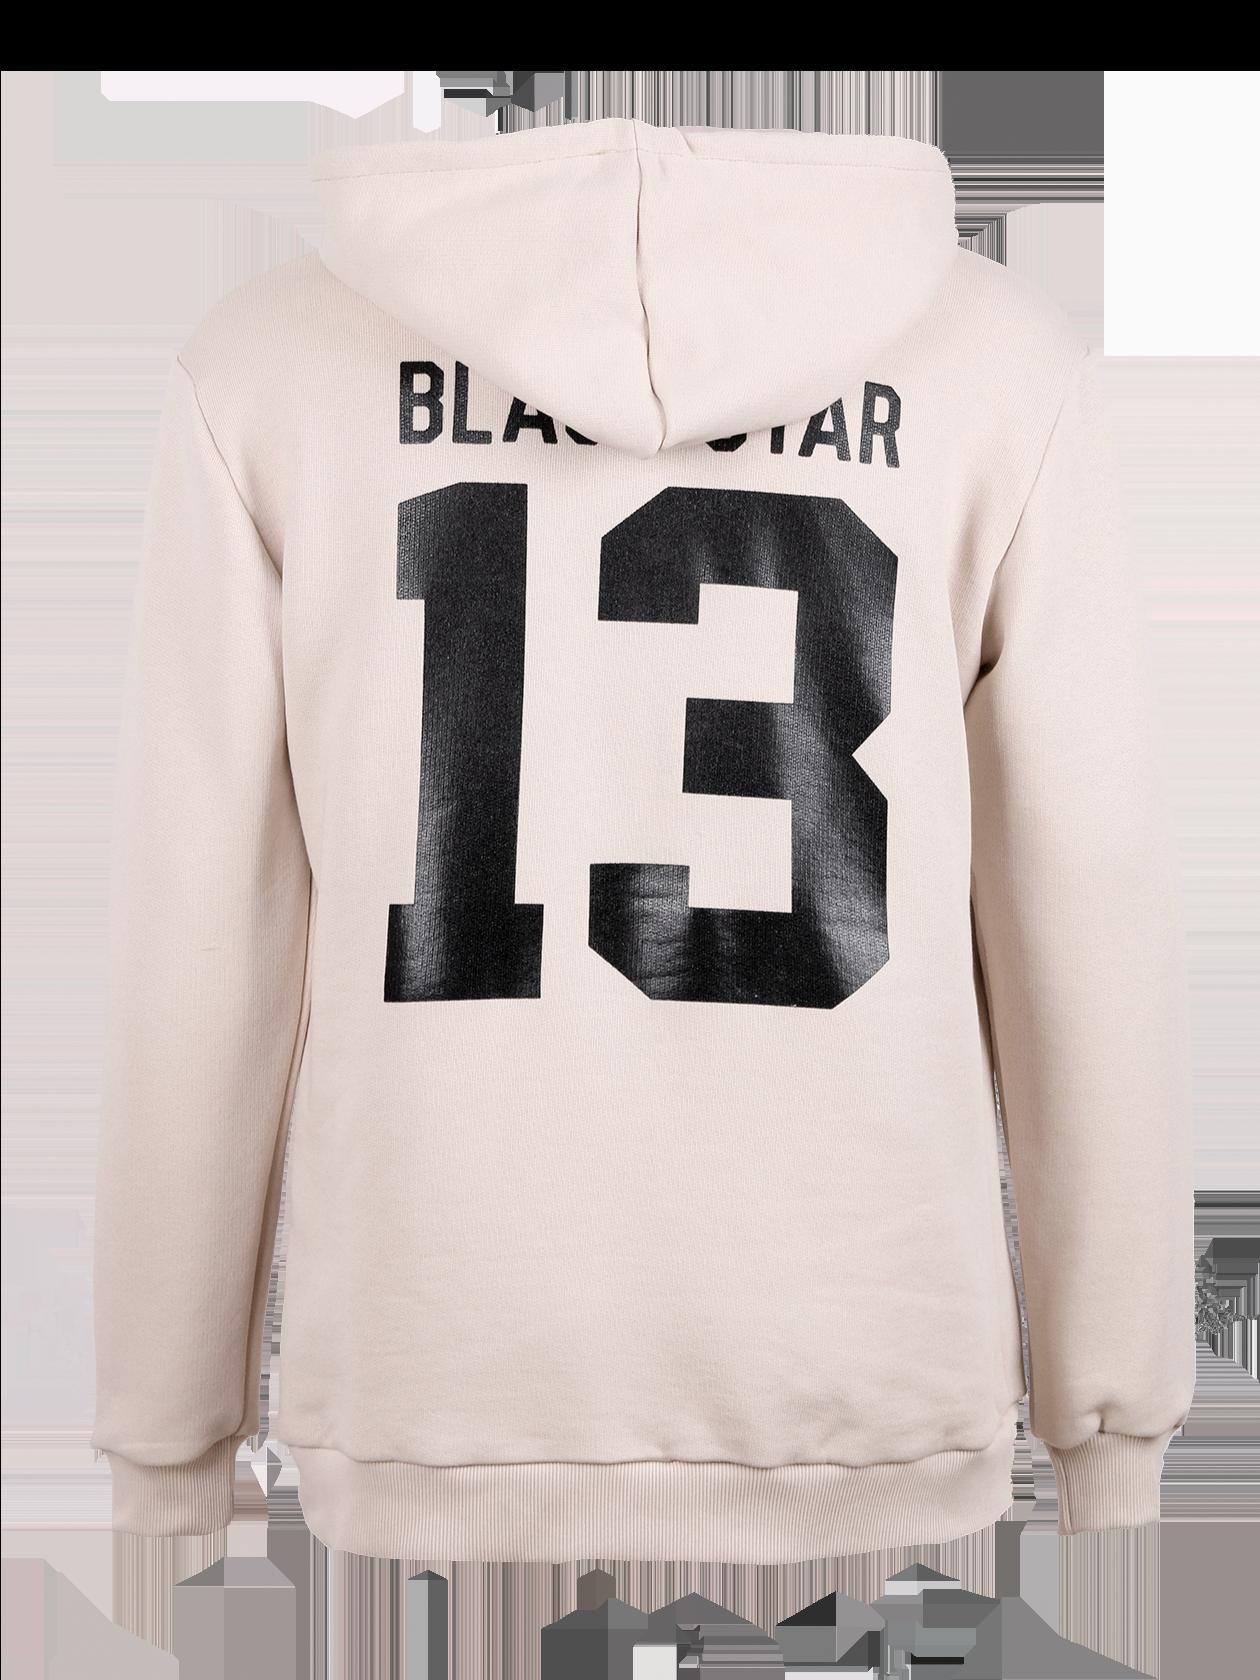 Костюм спортивный мужской BlackStar 13. Производитель: Black Star Wear, артикул: 10403